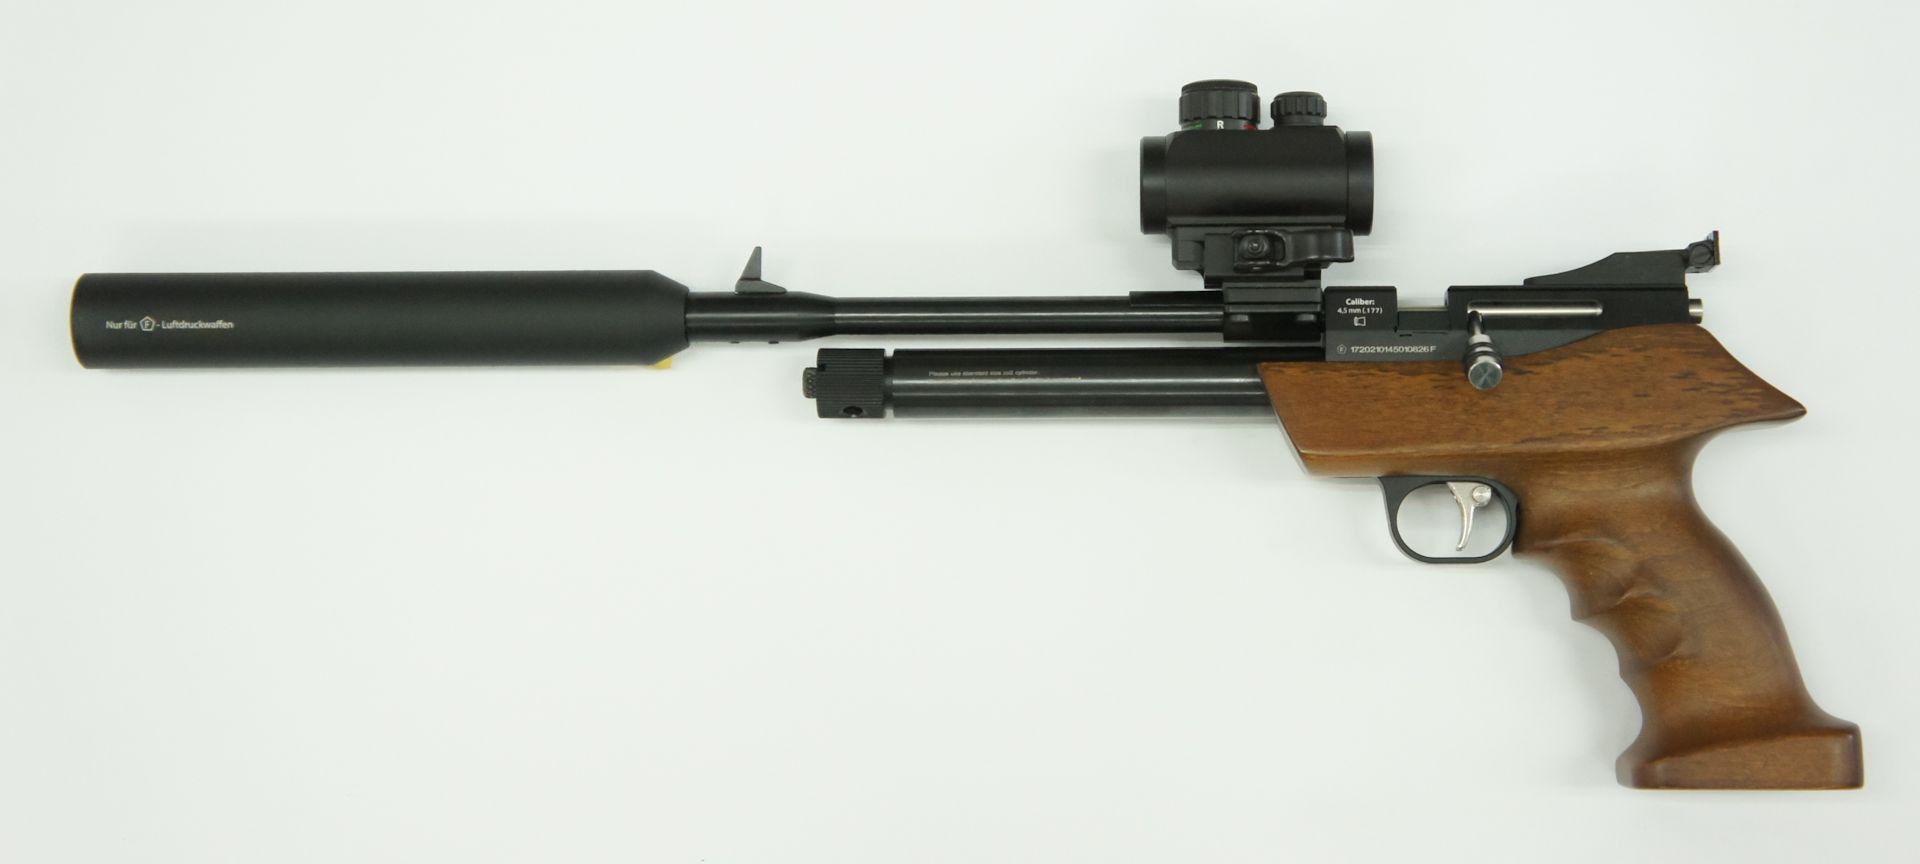 Set aus CO2 Repetierluftpistole Diana airbug mit Optik, Schalldämpfer und Zubehör